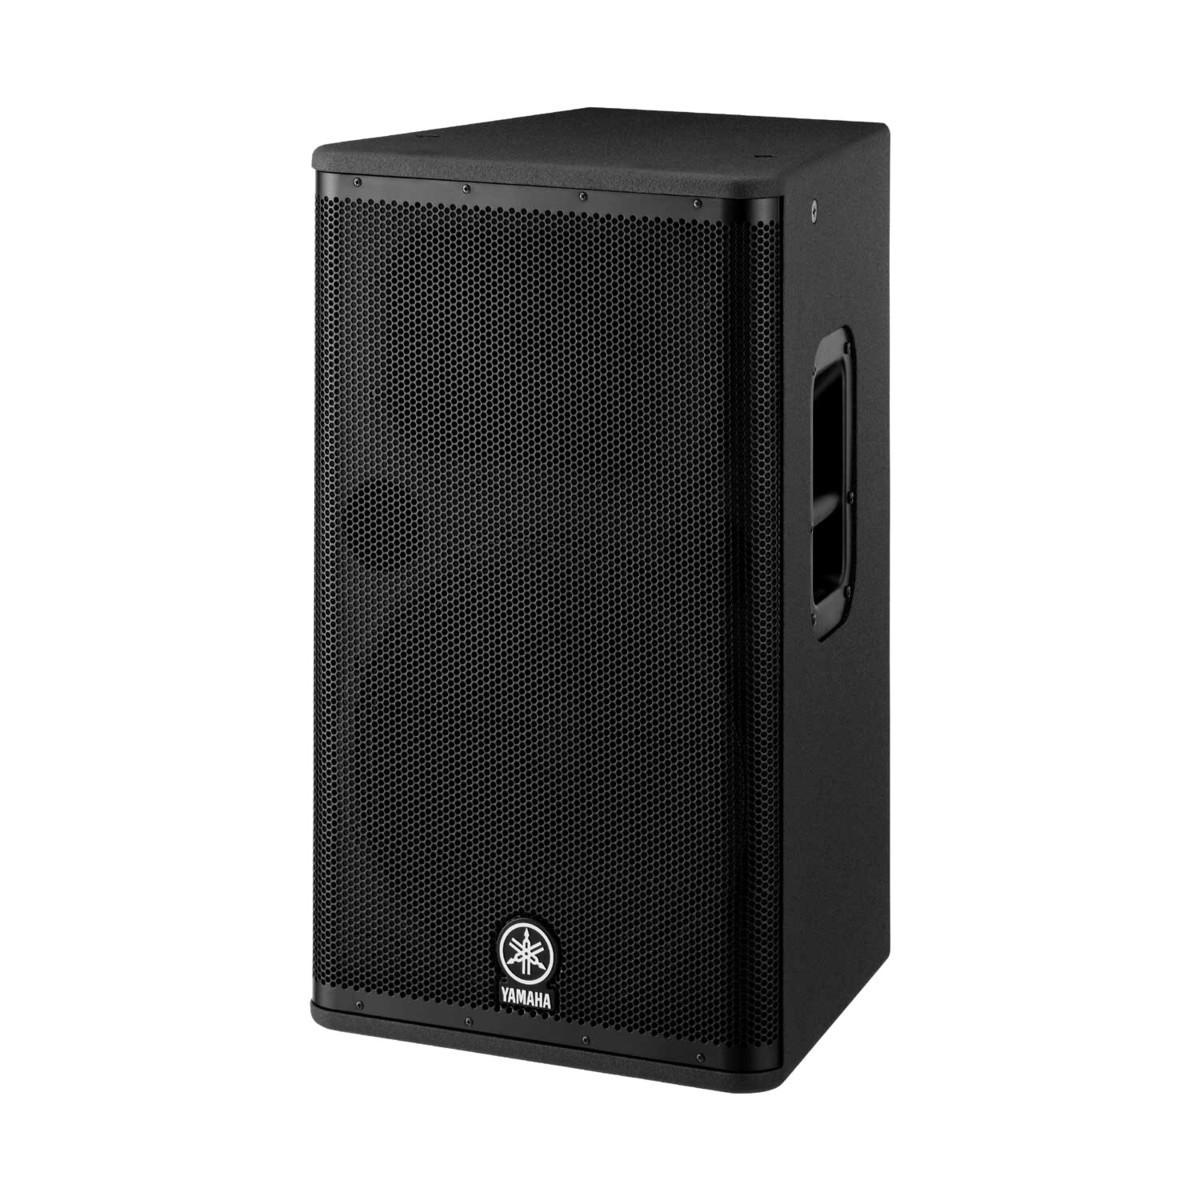 Yamaha dsr115 active pa bundle with speaker stands at for Yamaha dj speaker